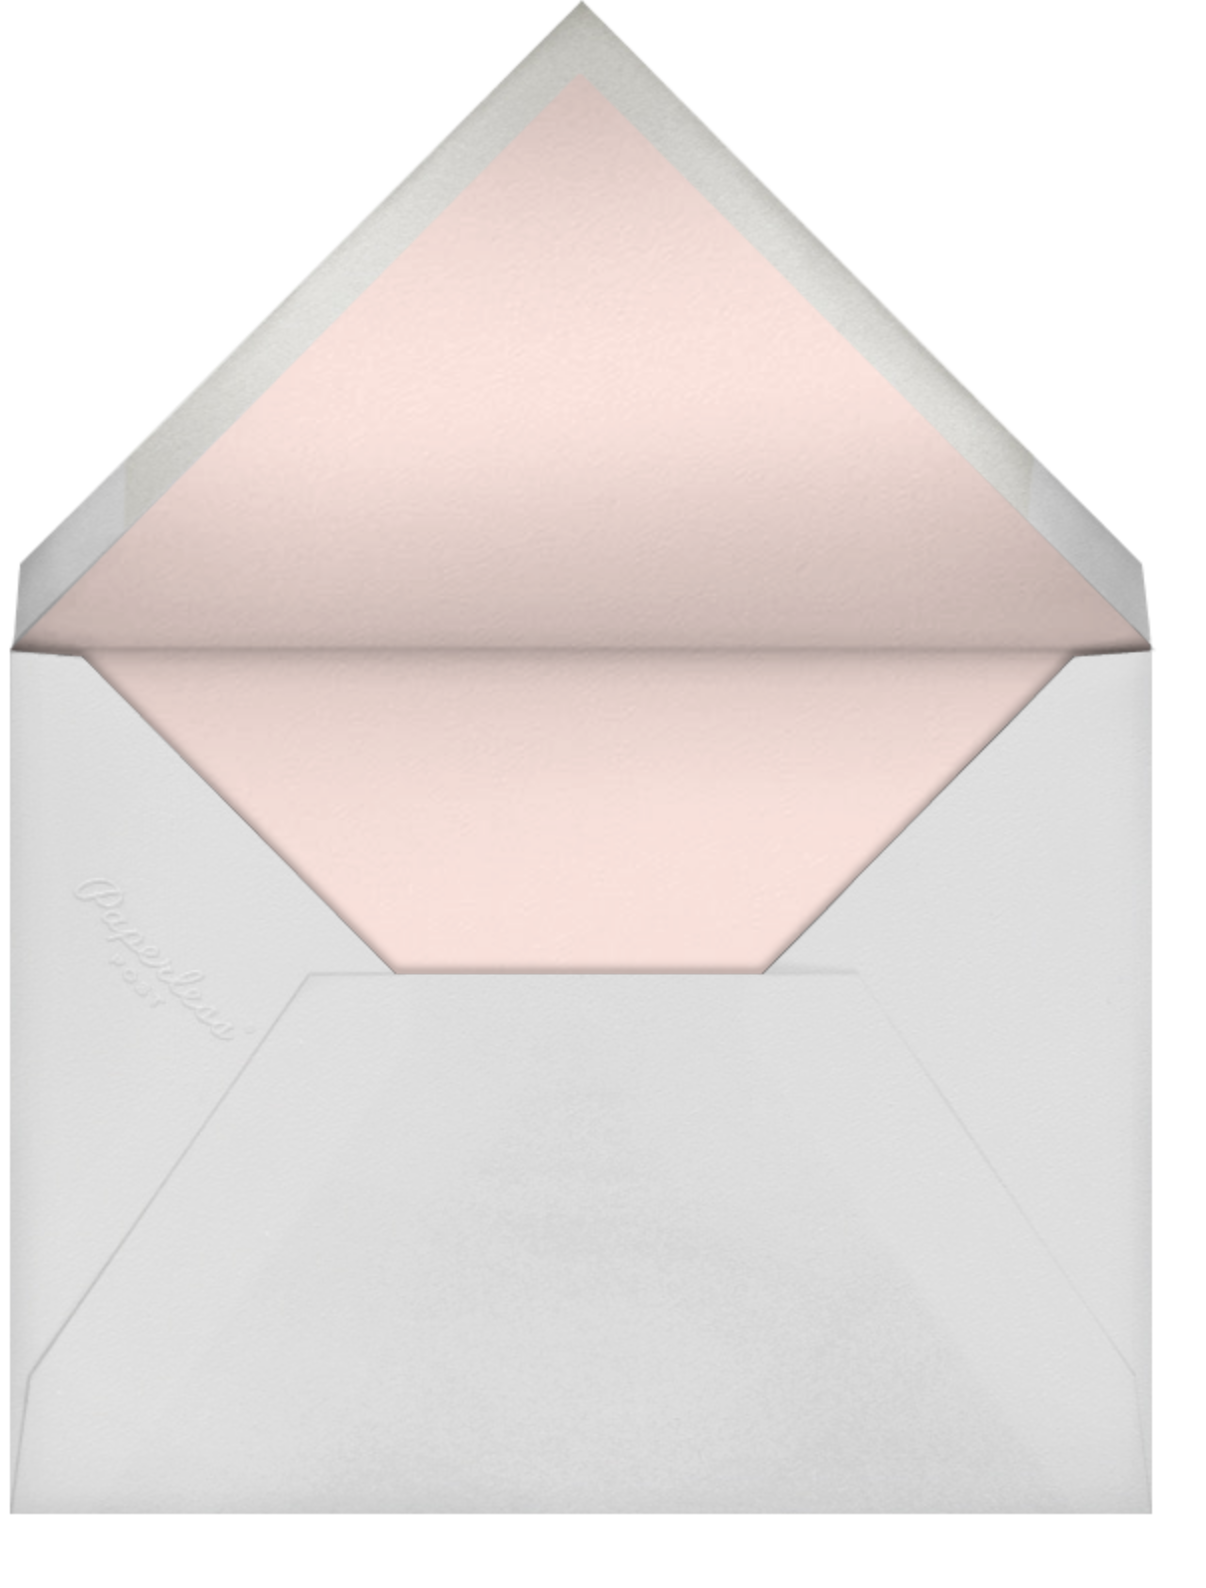 Blossoms on Tulle I (Thank You) - Pink - Oscar de la Renta - Envelope